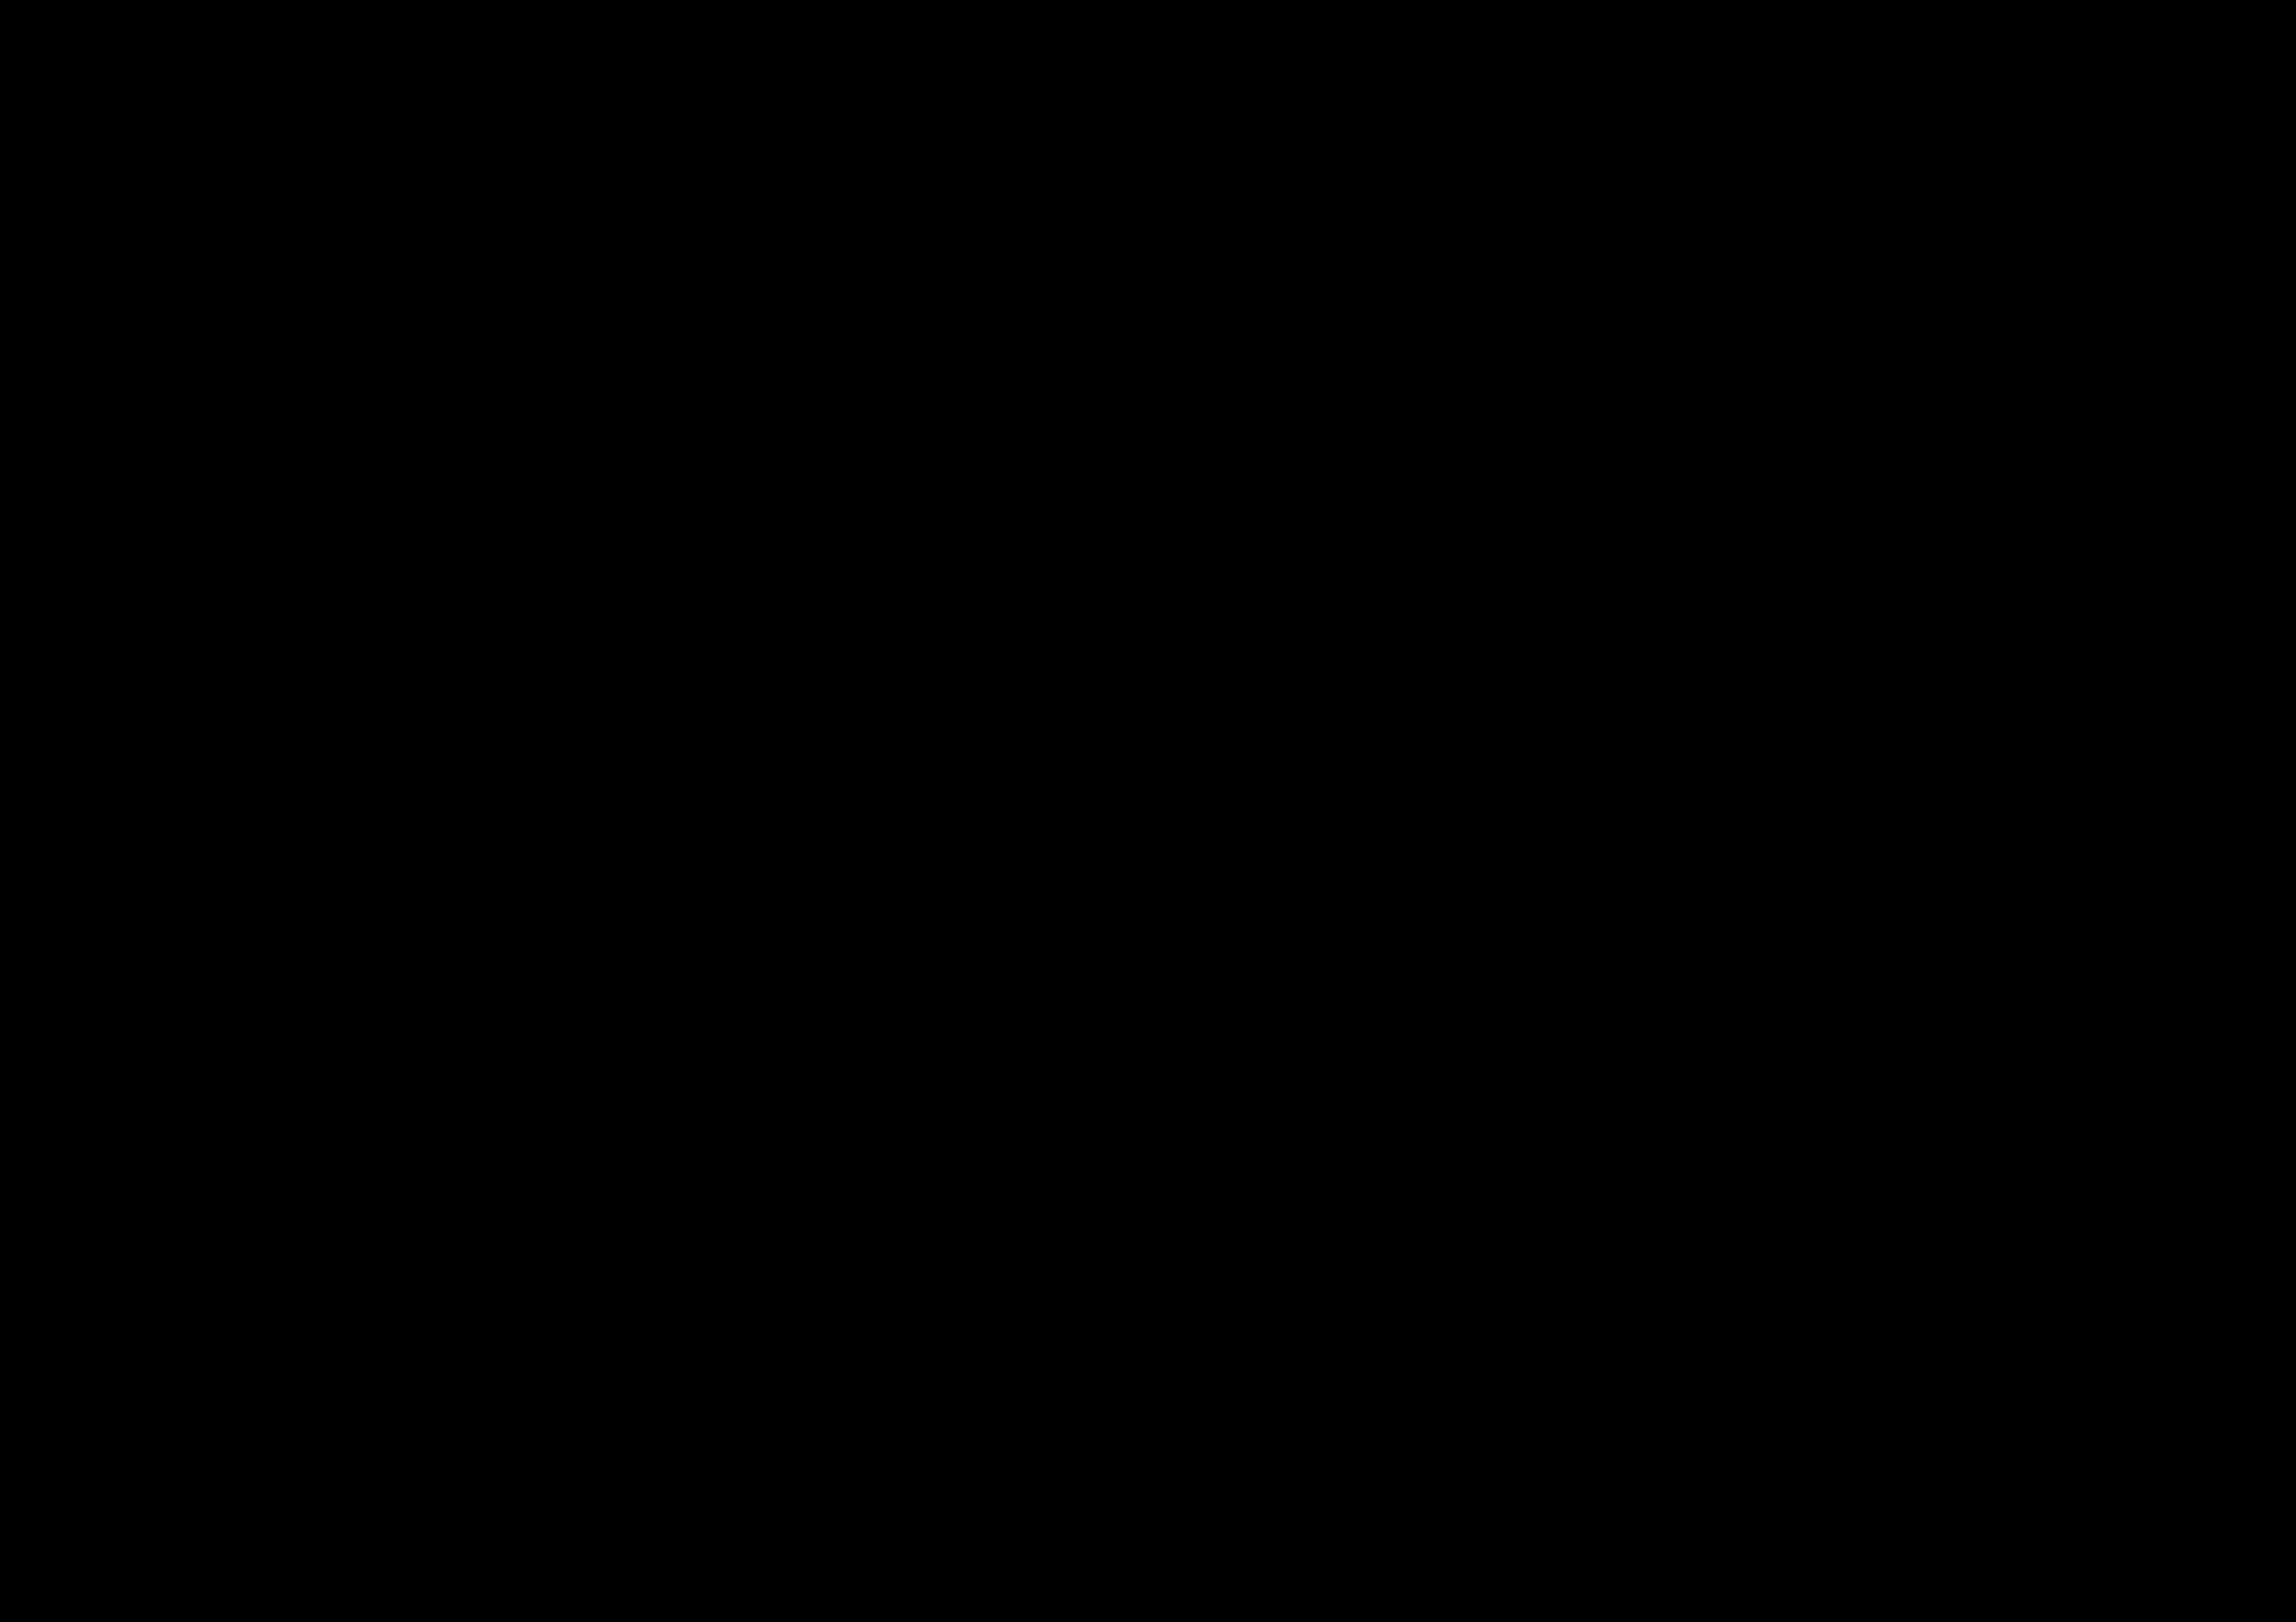 Floor Plans for MBR City Sobha Hartland